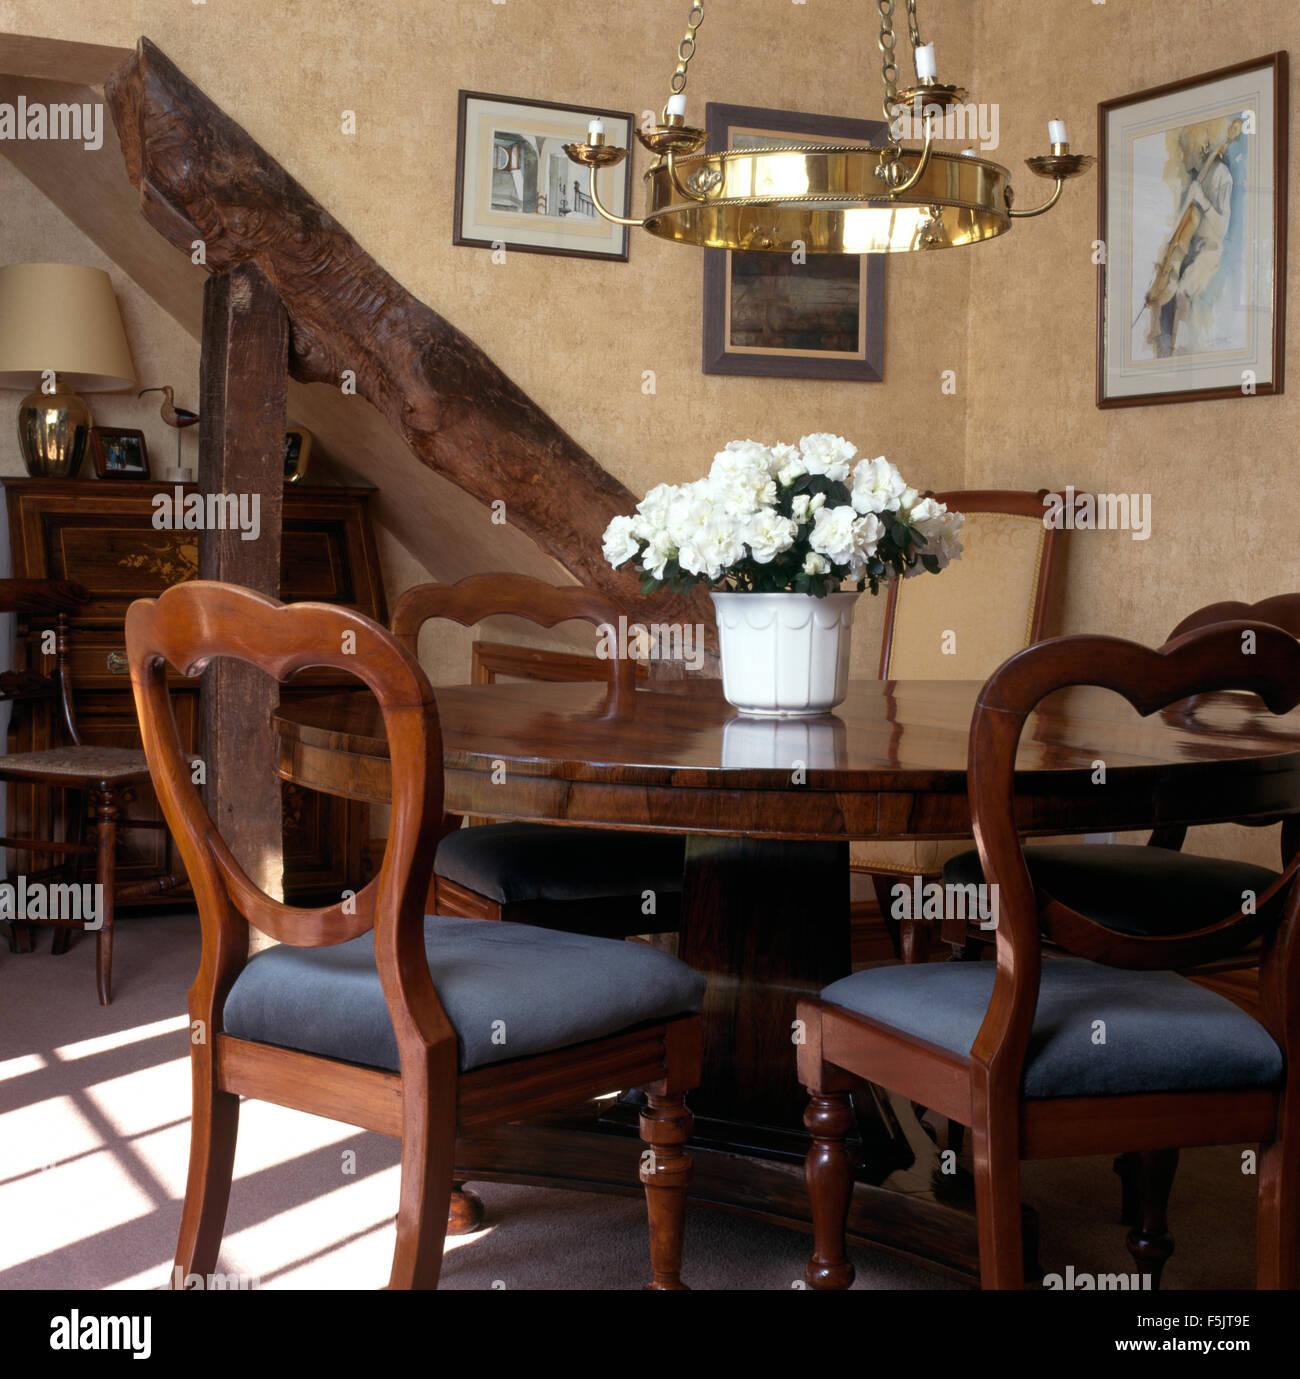 Antico tavolo e sedie in novanta sala da pranzo con luce in ottone ...